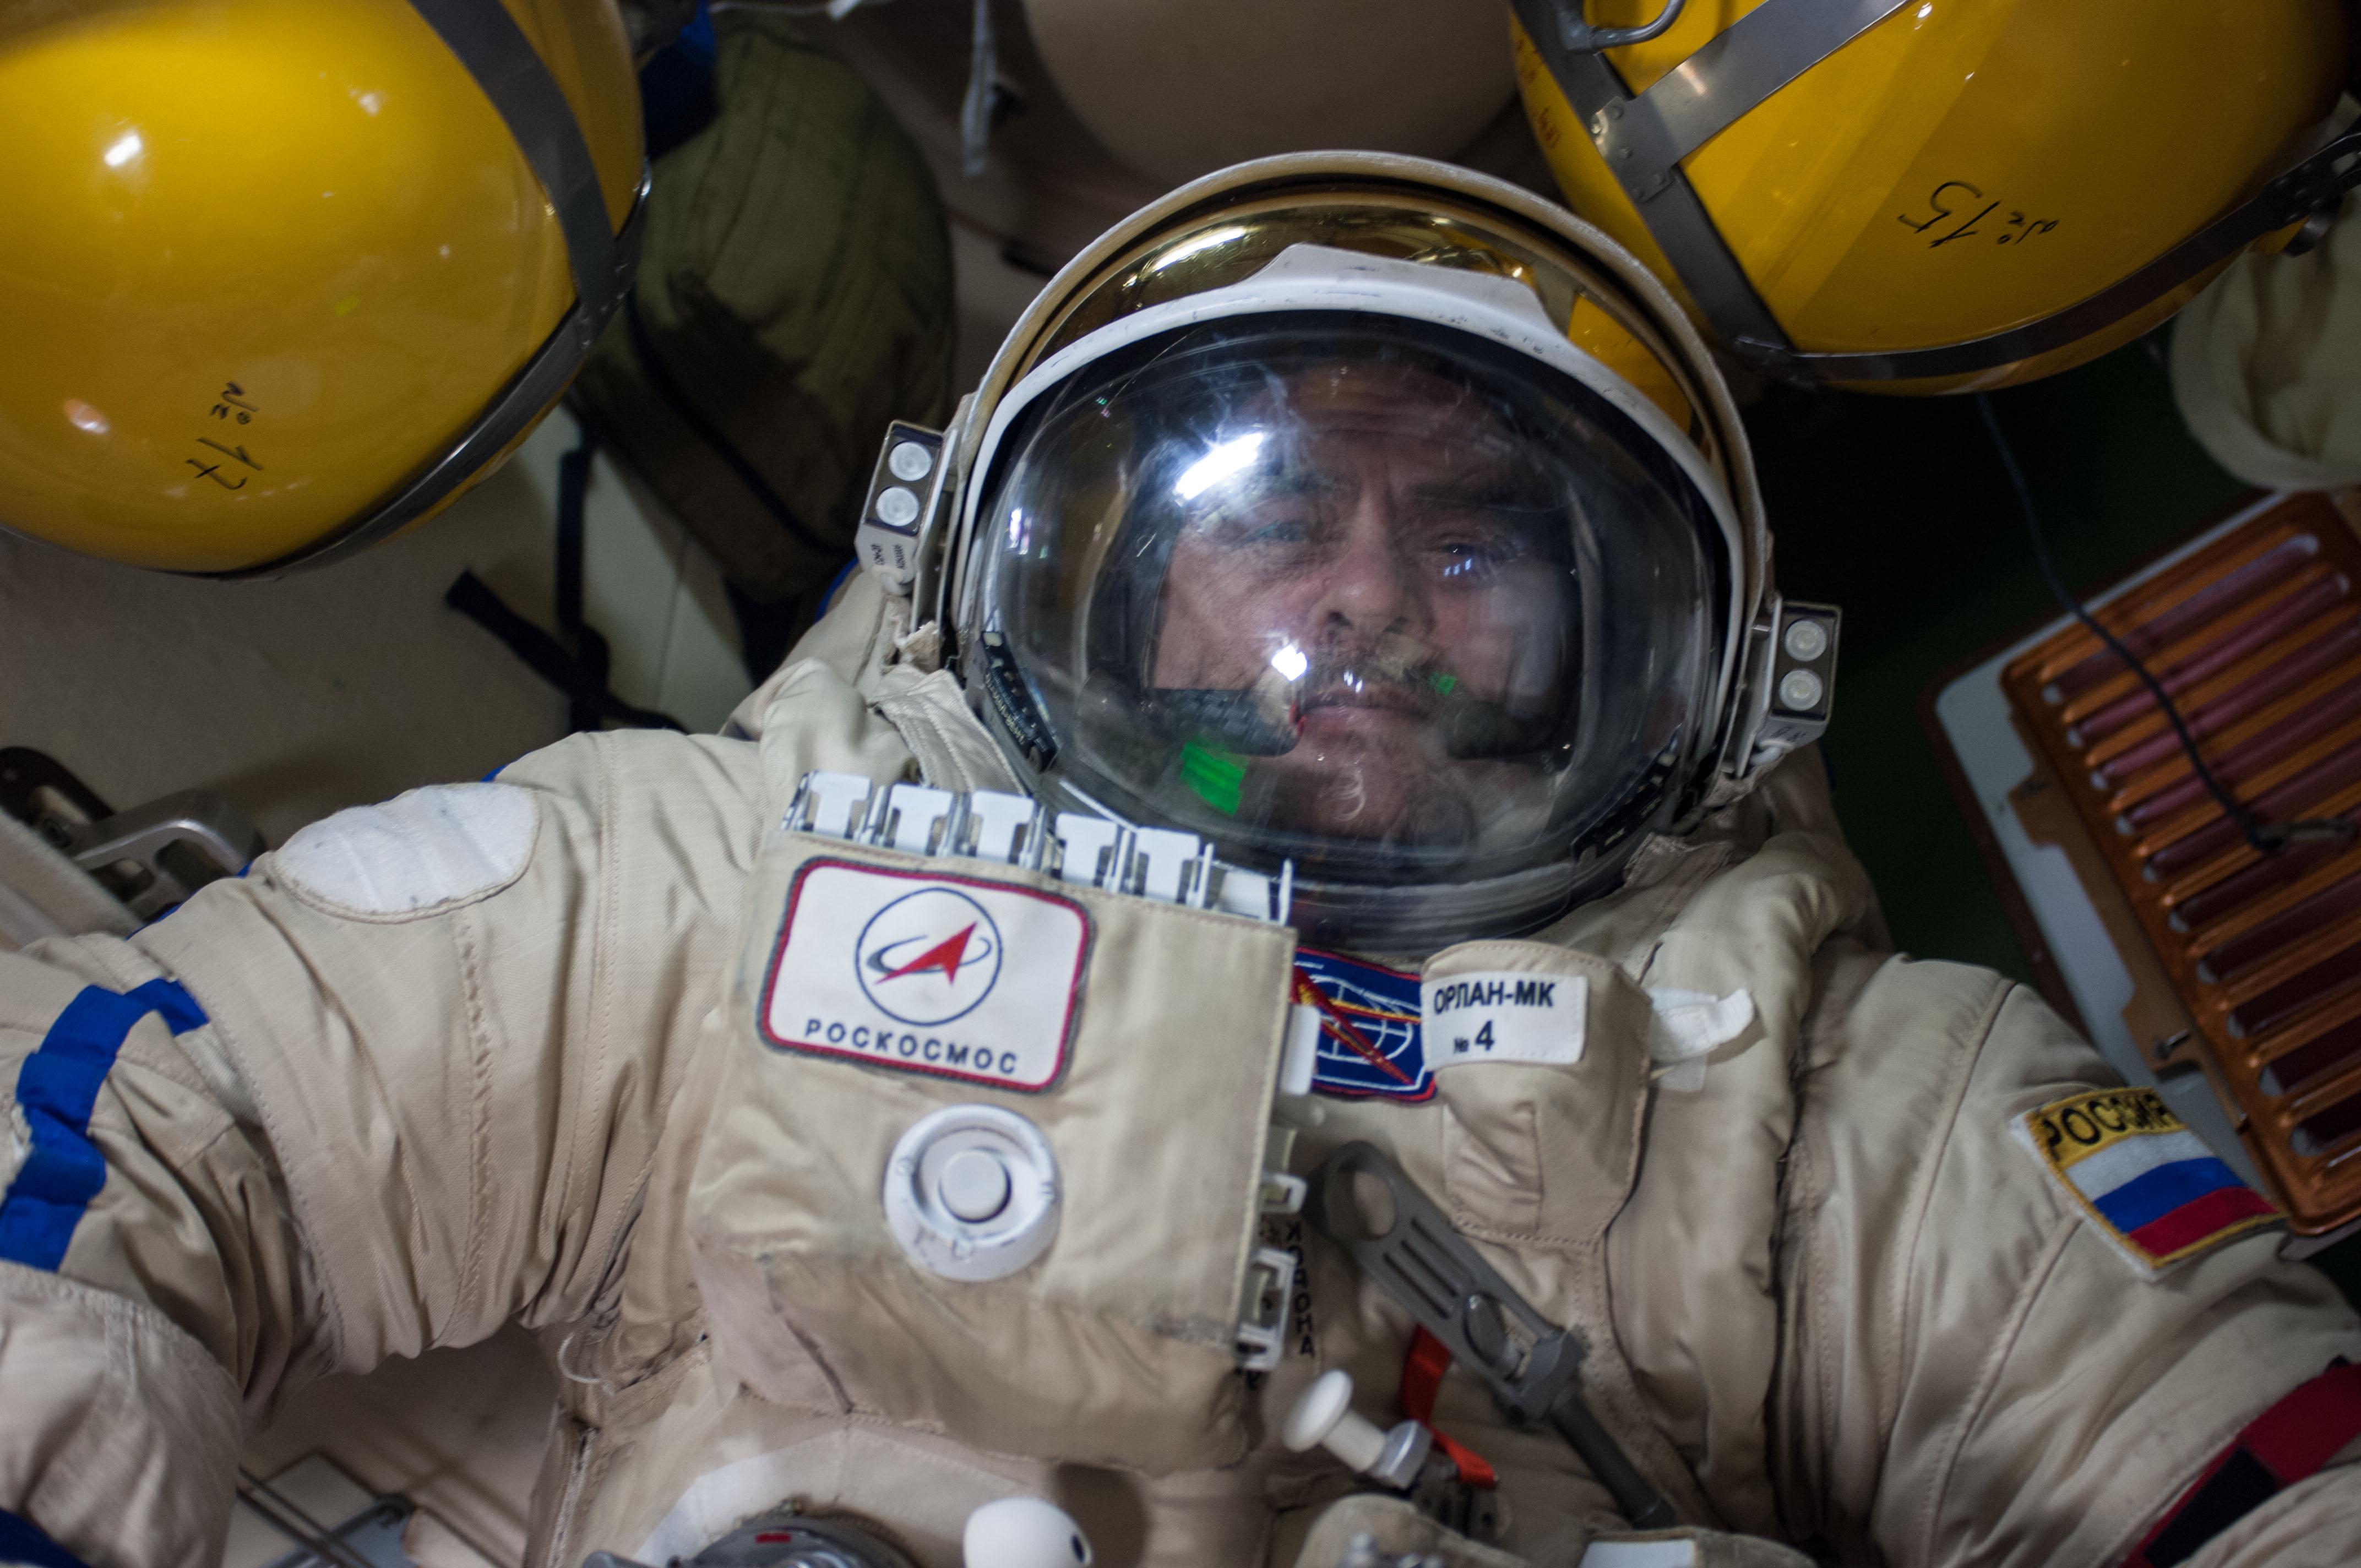 Russian cosmonaut Pavel Vinogradov in Spacesuit